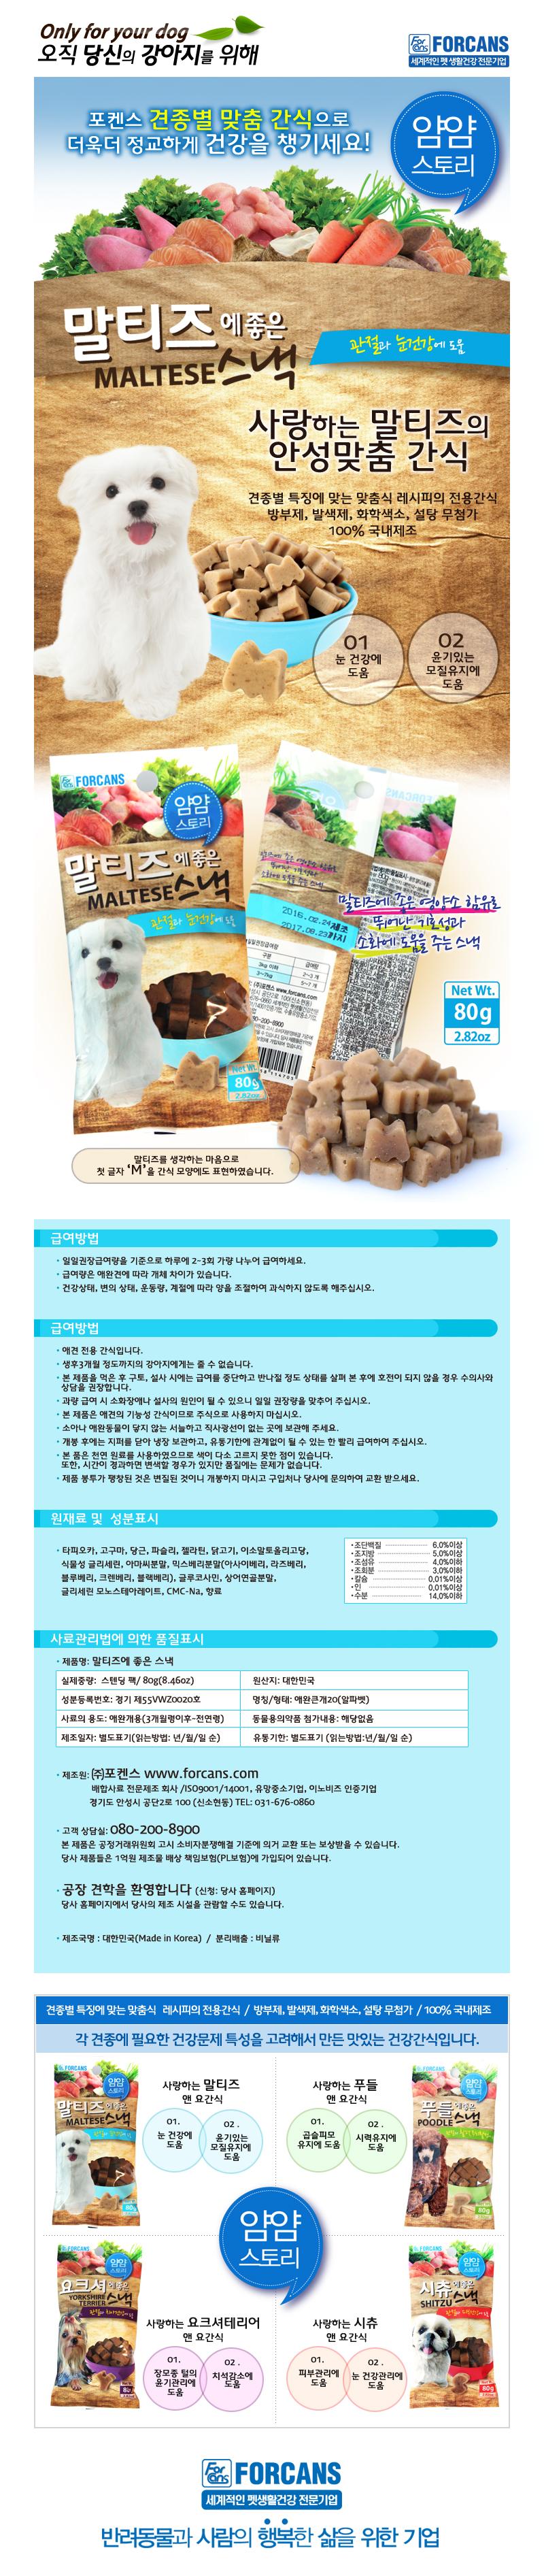 http://gi.esmplus.com/forcans1/snack/maltese_snack_info.jpg